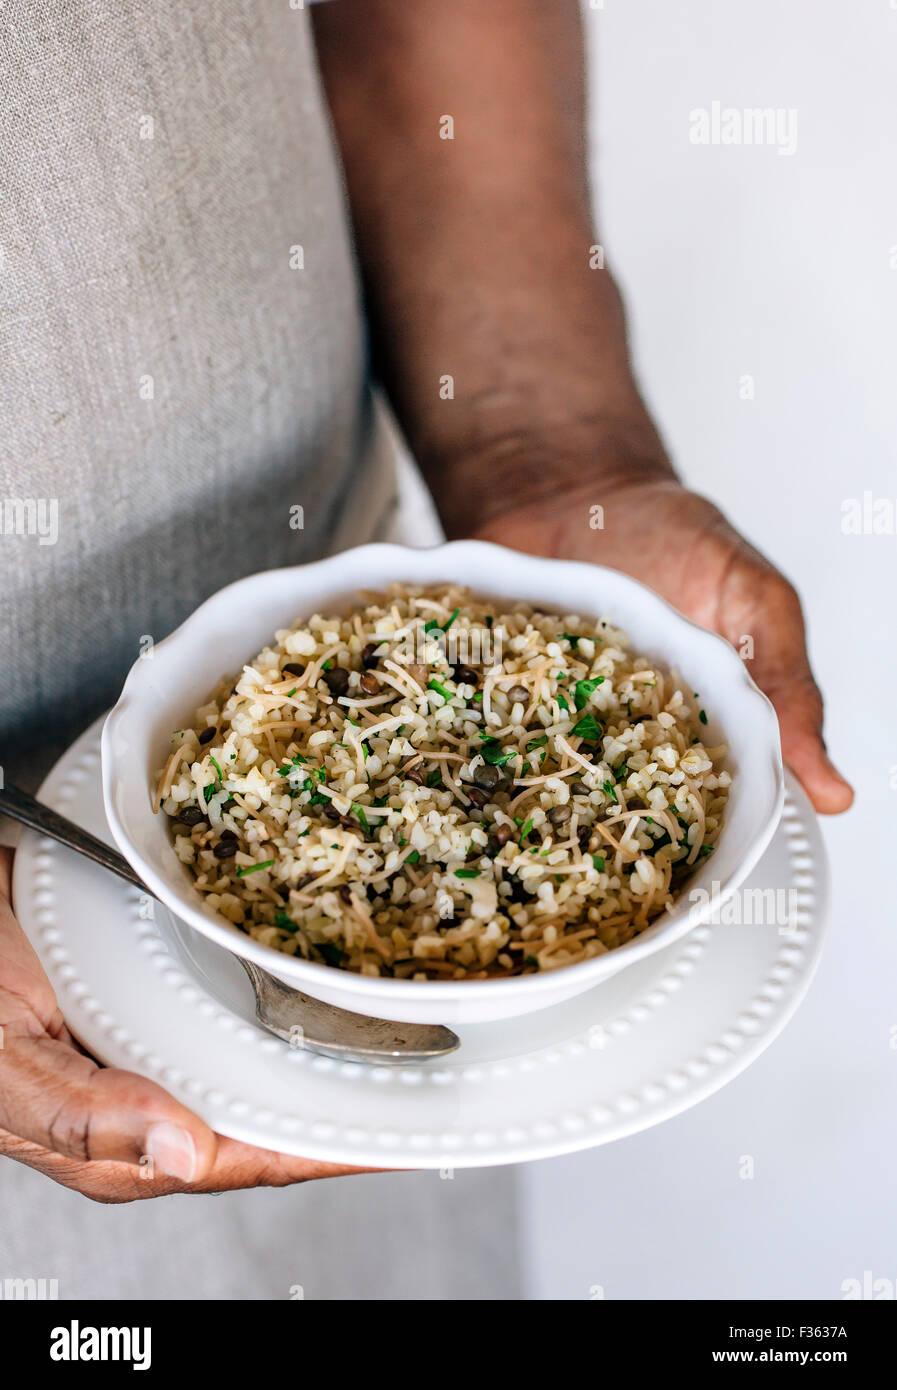 Un tazón de pilaf Bulgur mezclados con lentejas y hierbas frescas están en manos de un hombre vestido Imagen De Stock